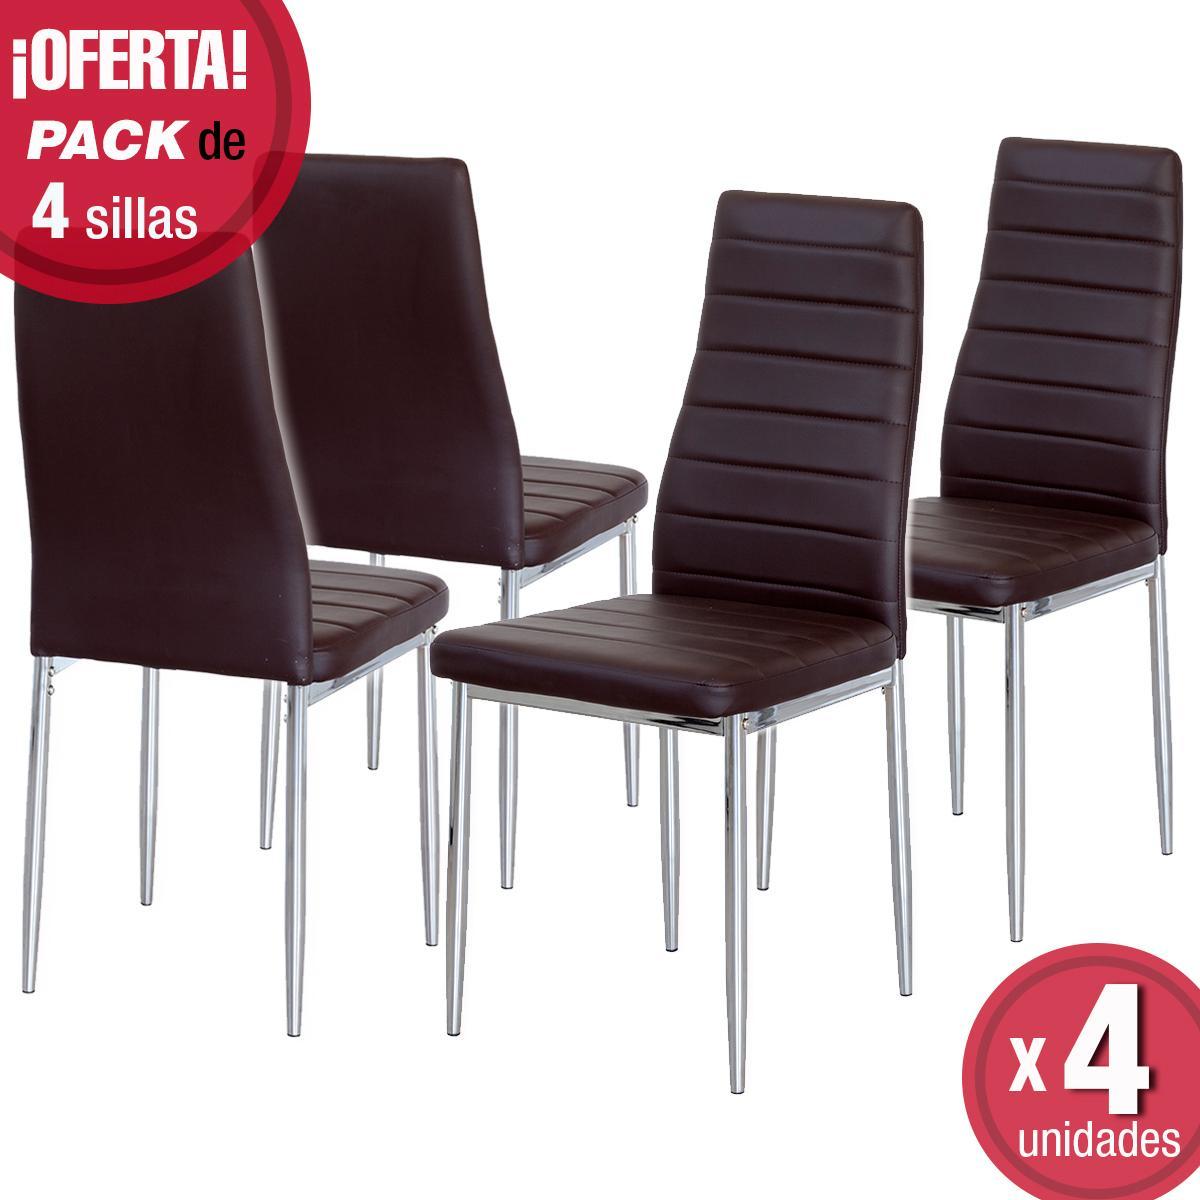 Pack de 4 sillas de comedor b sica tapizada polipiel y for Pack sillas comedor